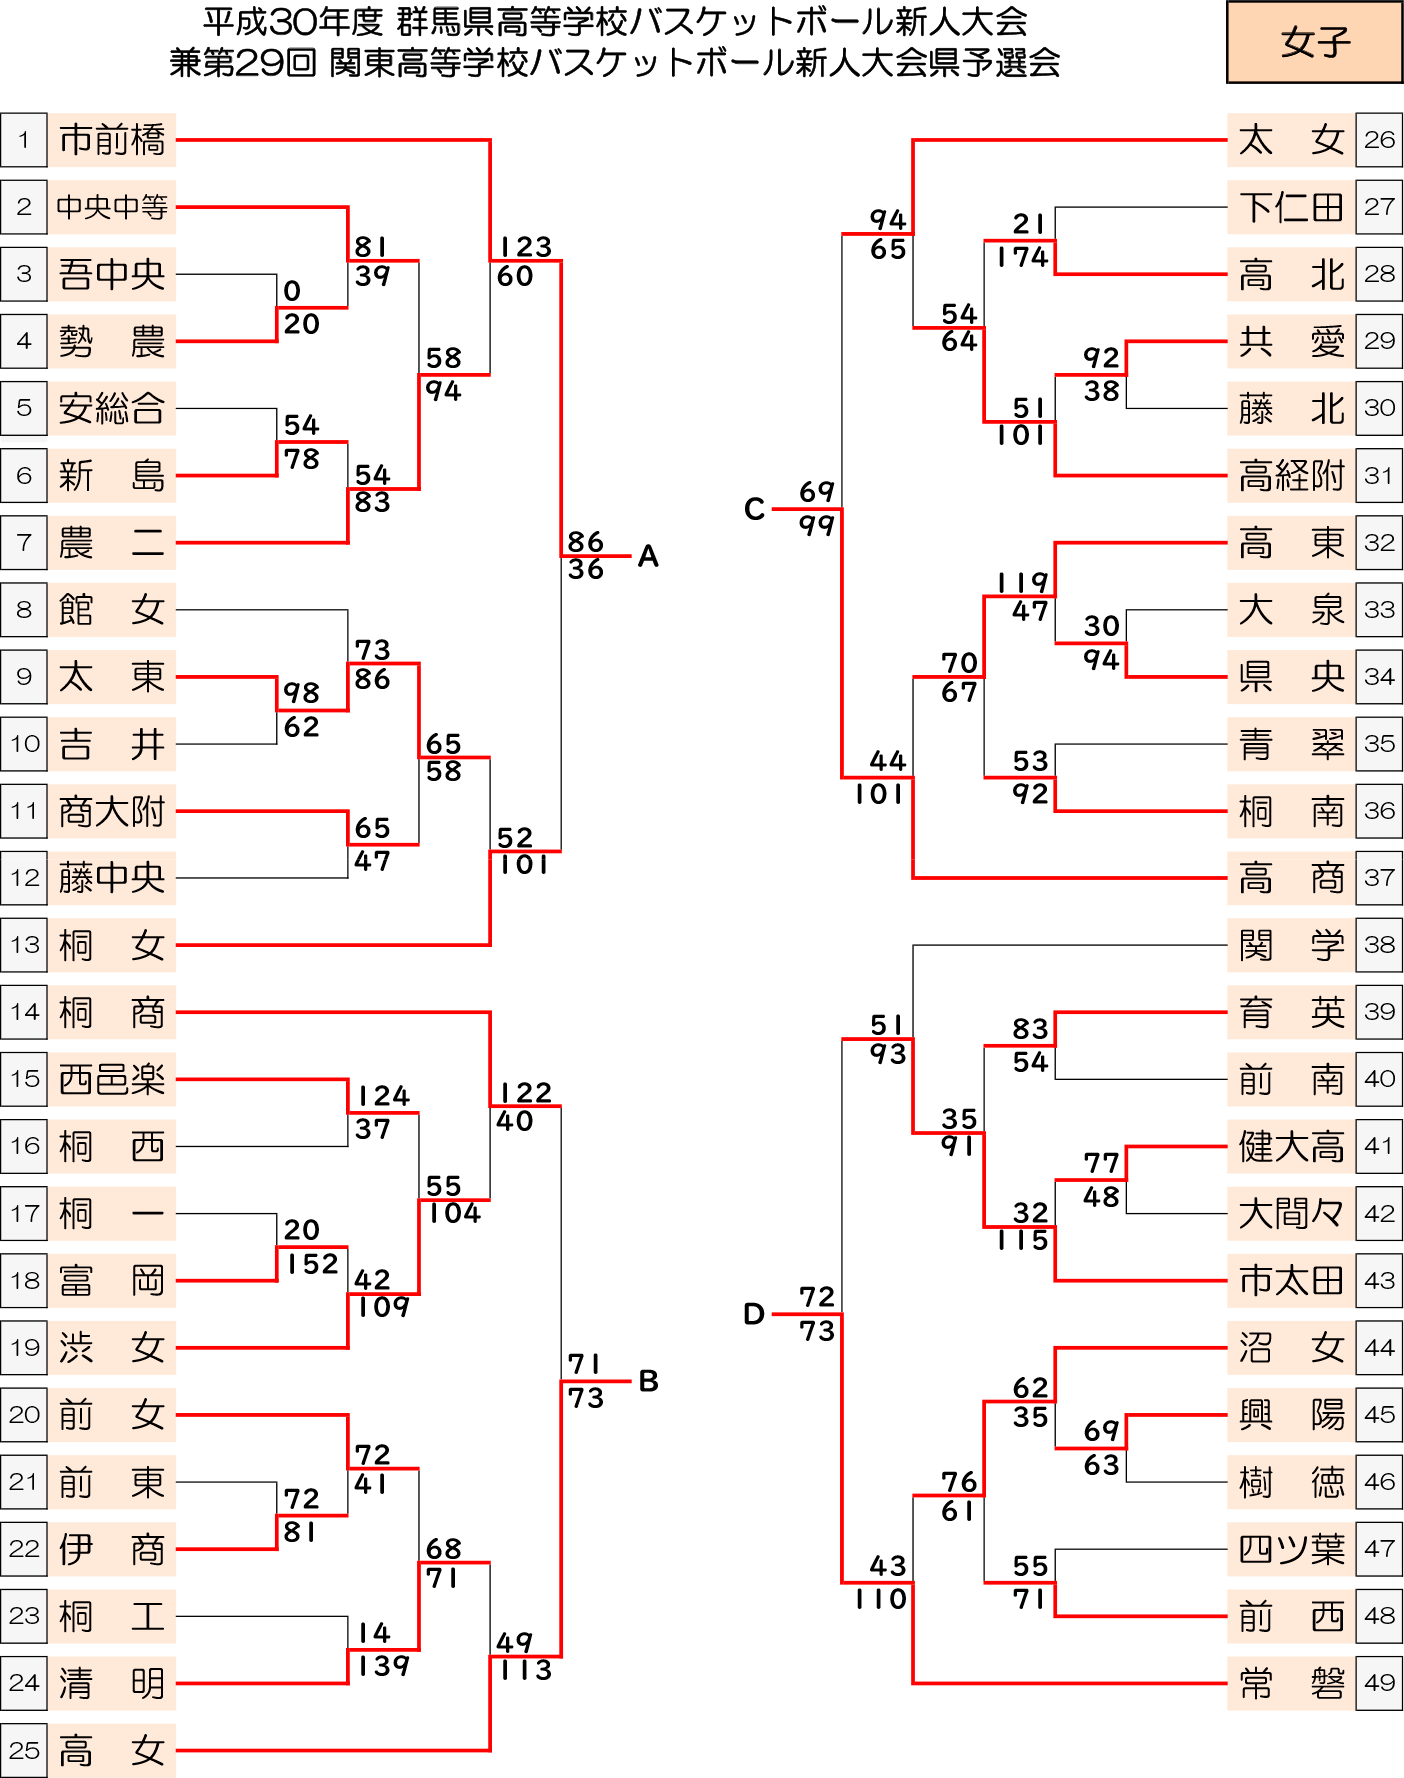 2018(平成30)年度 高体連新人大会 - 女子 結果 トーナメント